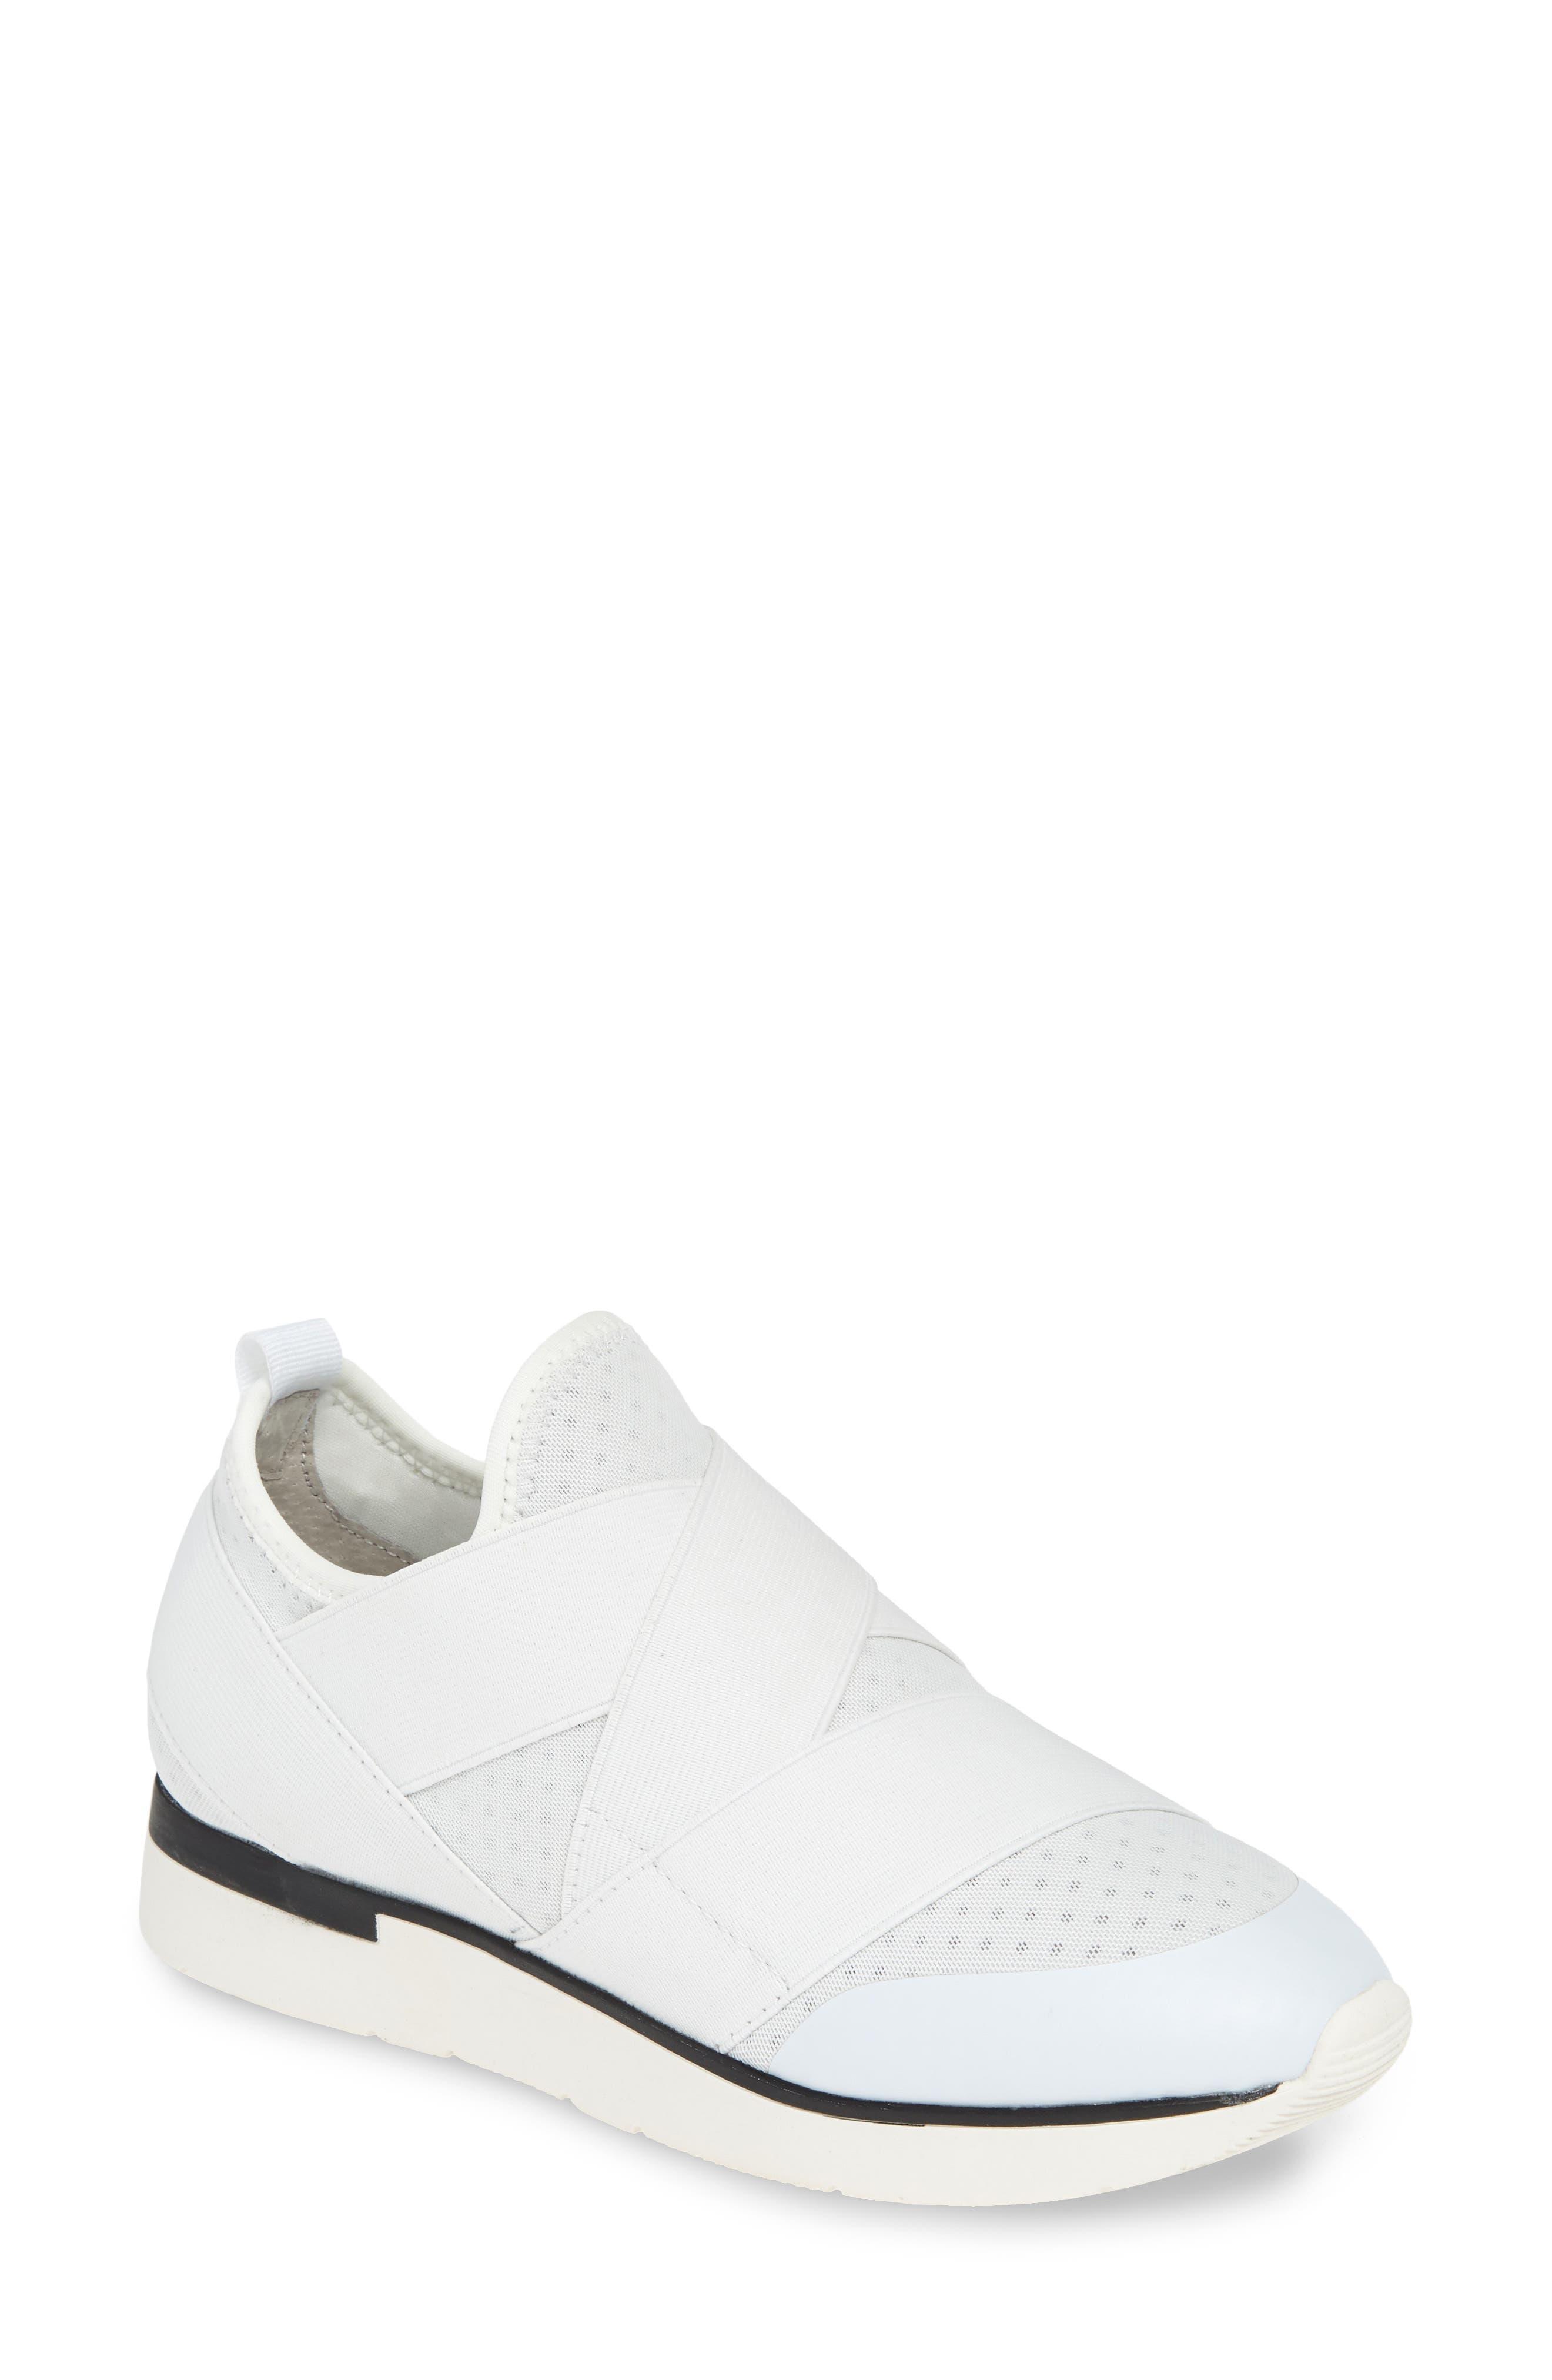 Jslides Ginny Slip-On Sneaker, White